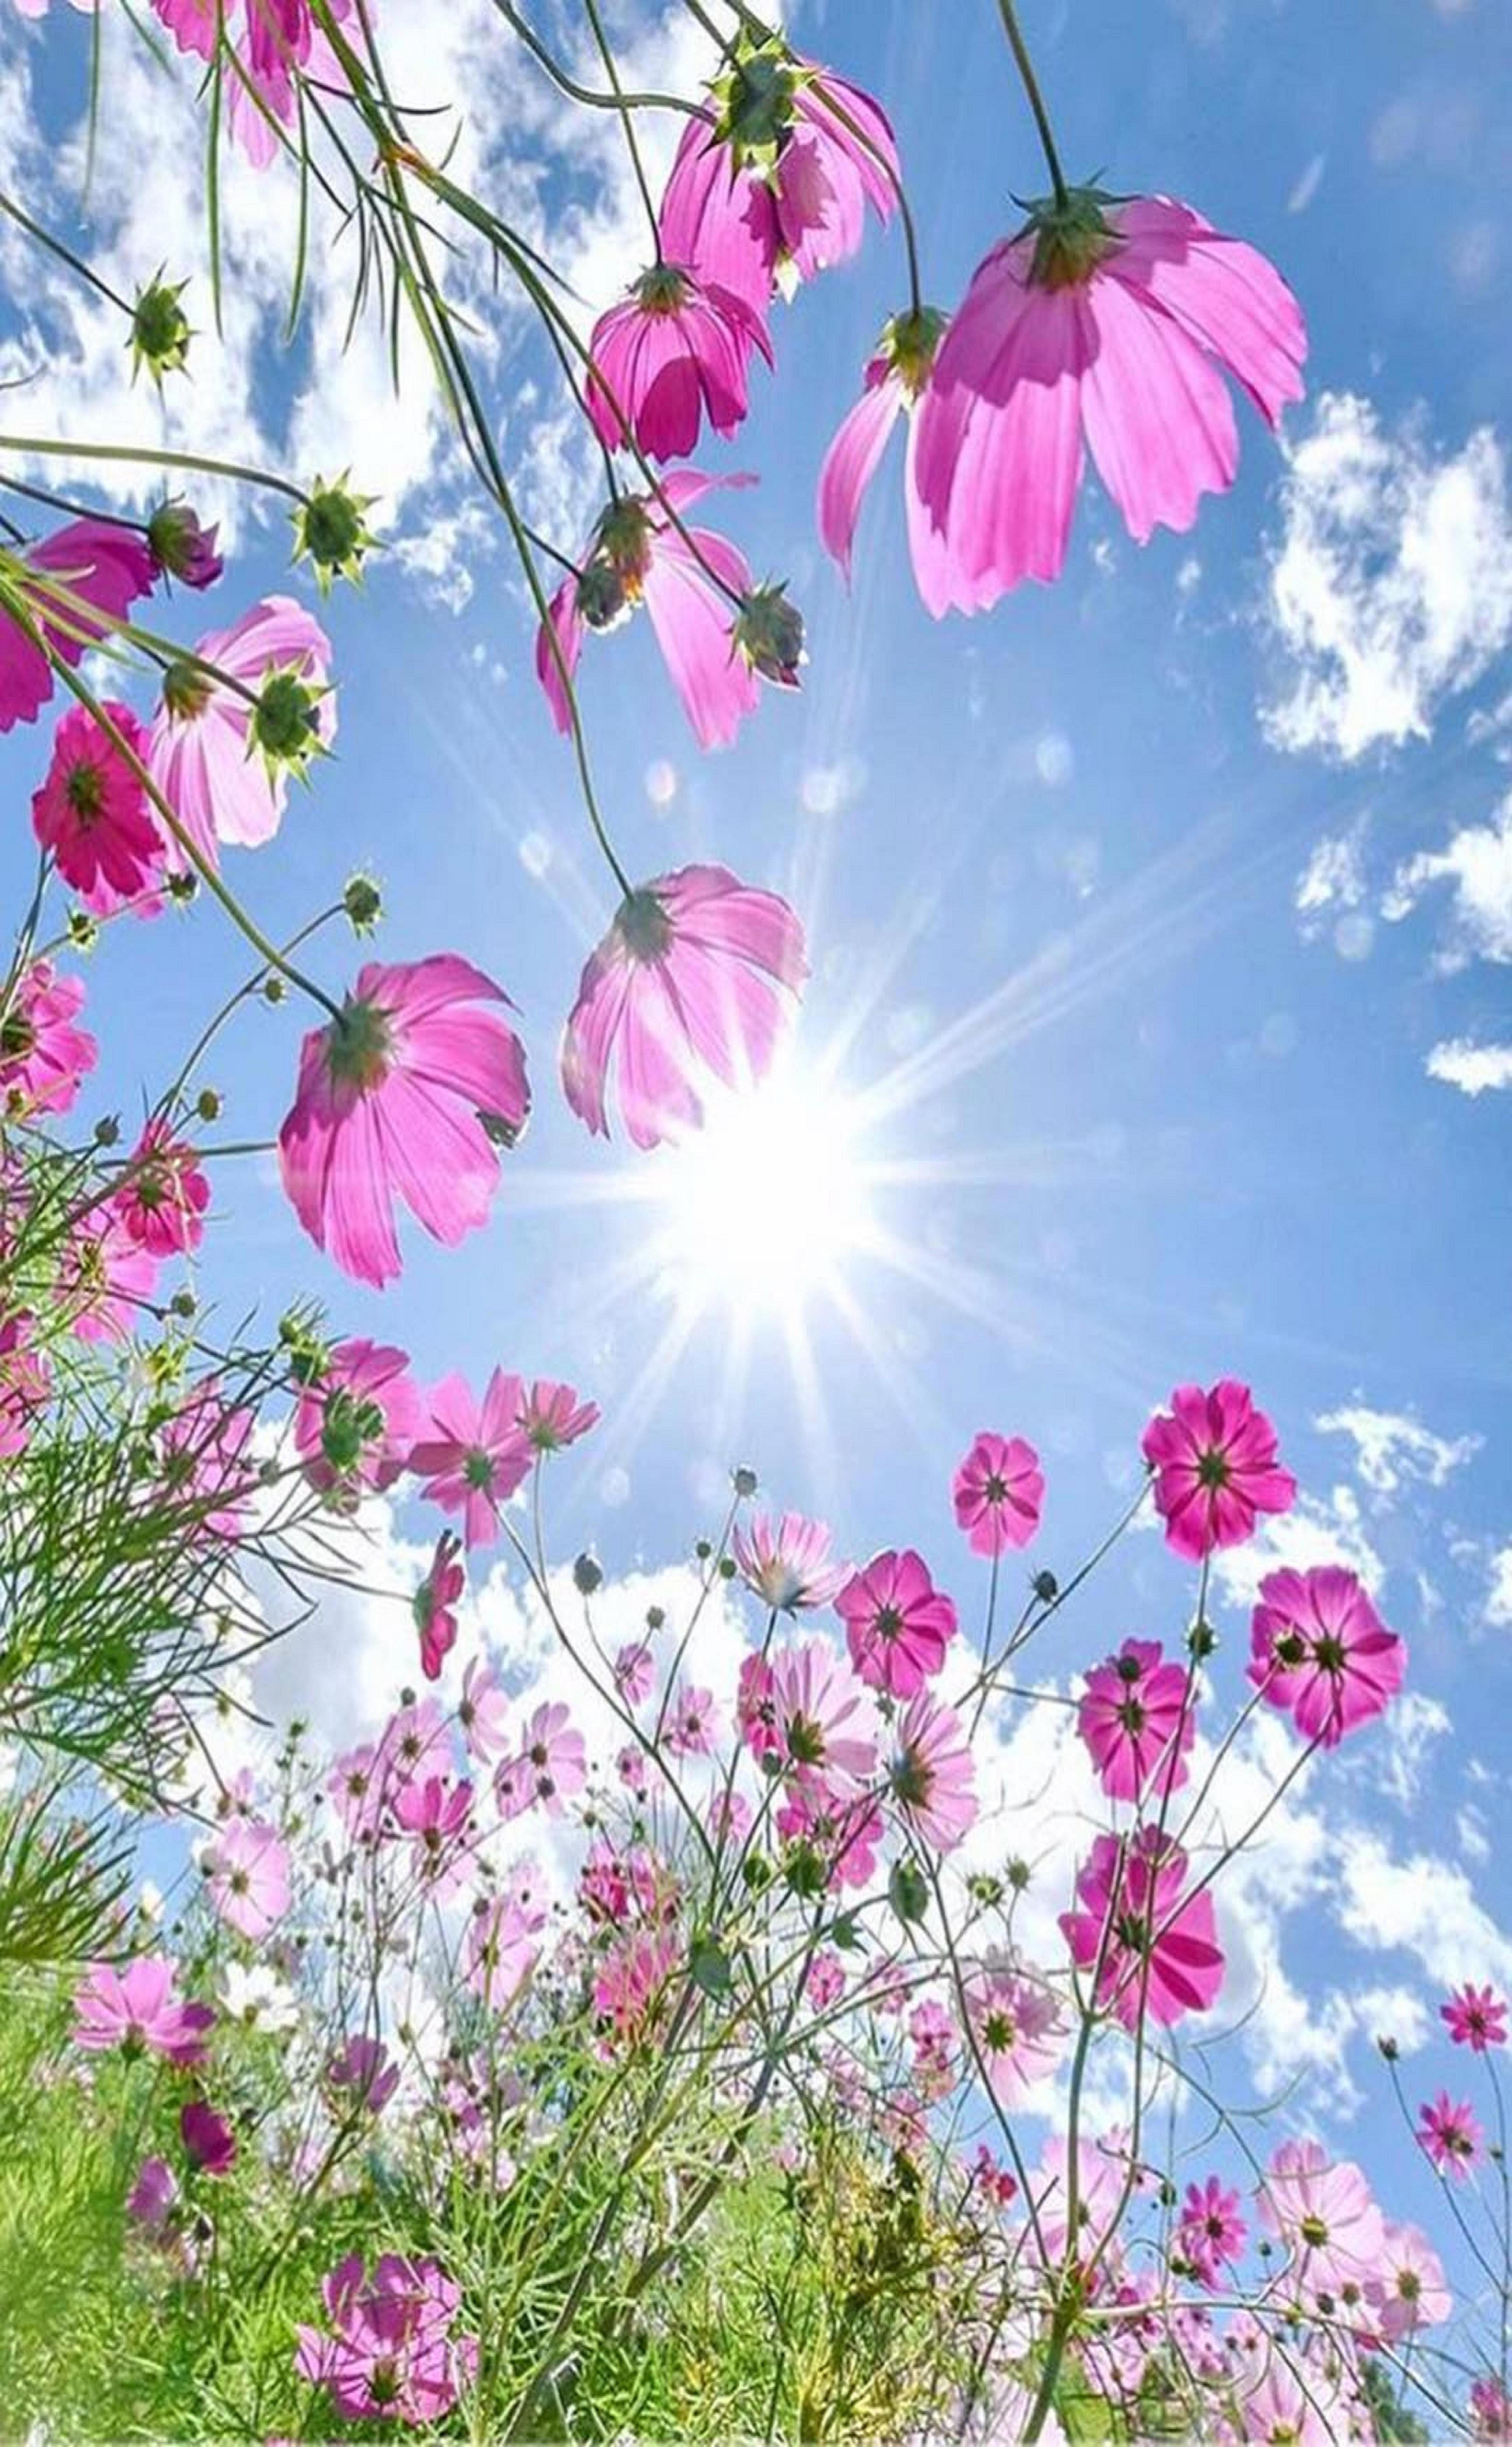 美しい自然の風景 おしゃれまとめの人気アイデア Pinterest Momo コスモス 花 美しい花 きれいな花